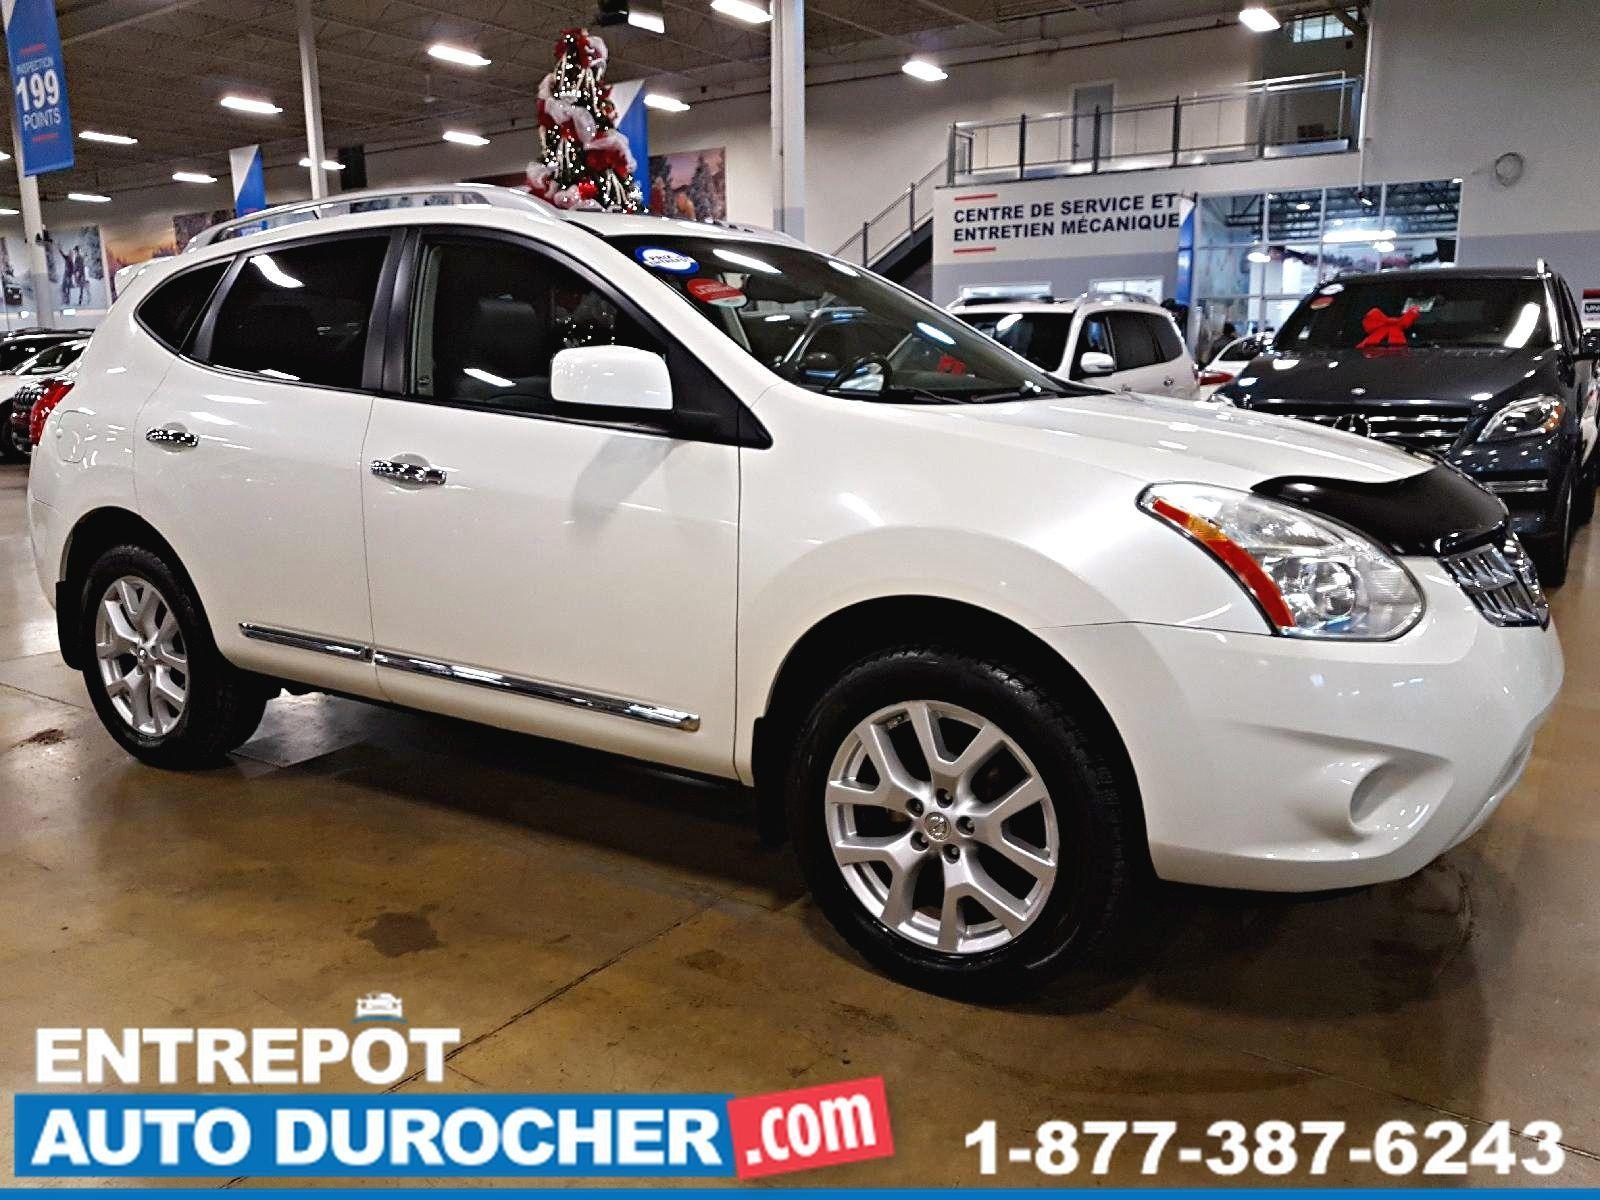 2011 Nissan Rogue SL AWD AUTOMATIQUE - TOIT OUVRANT - SIÈGES EN CUIR